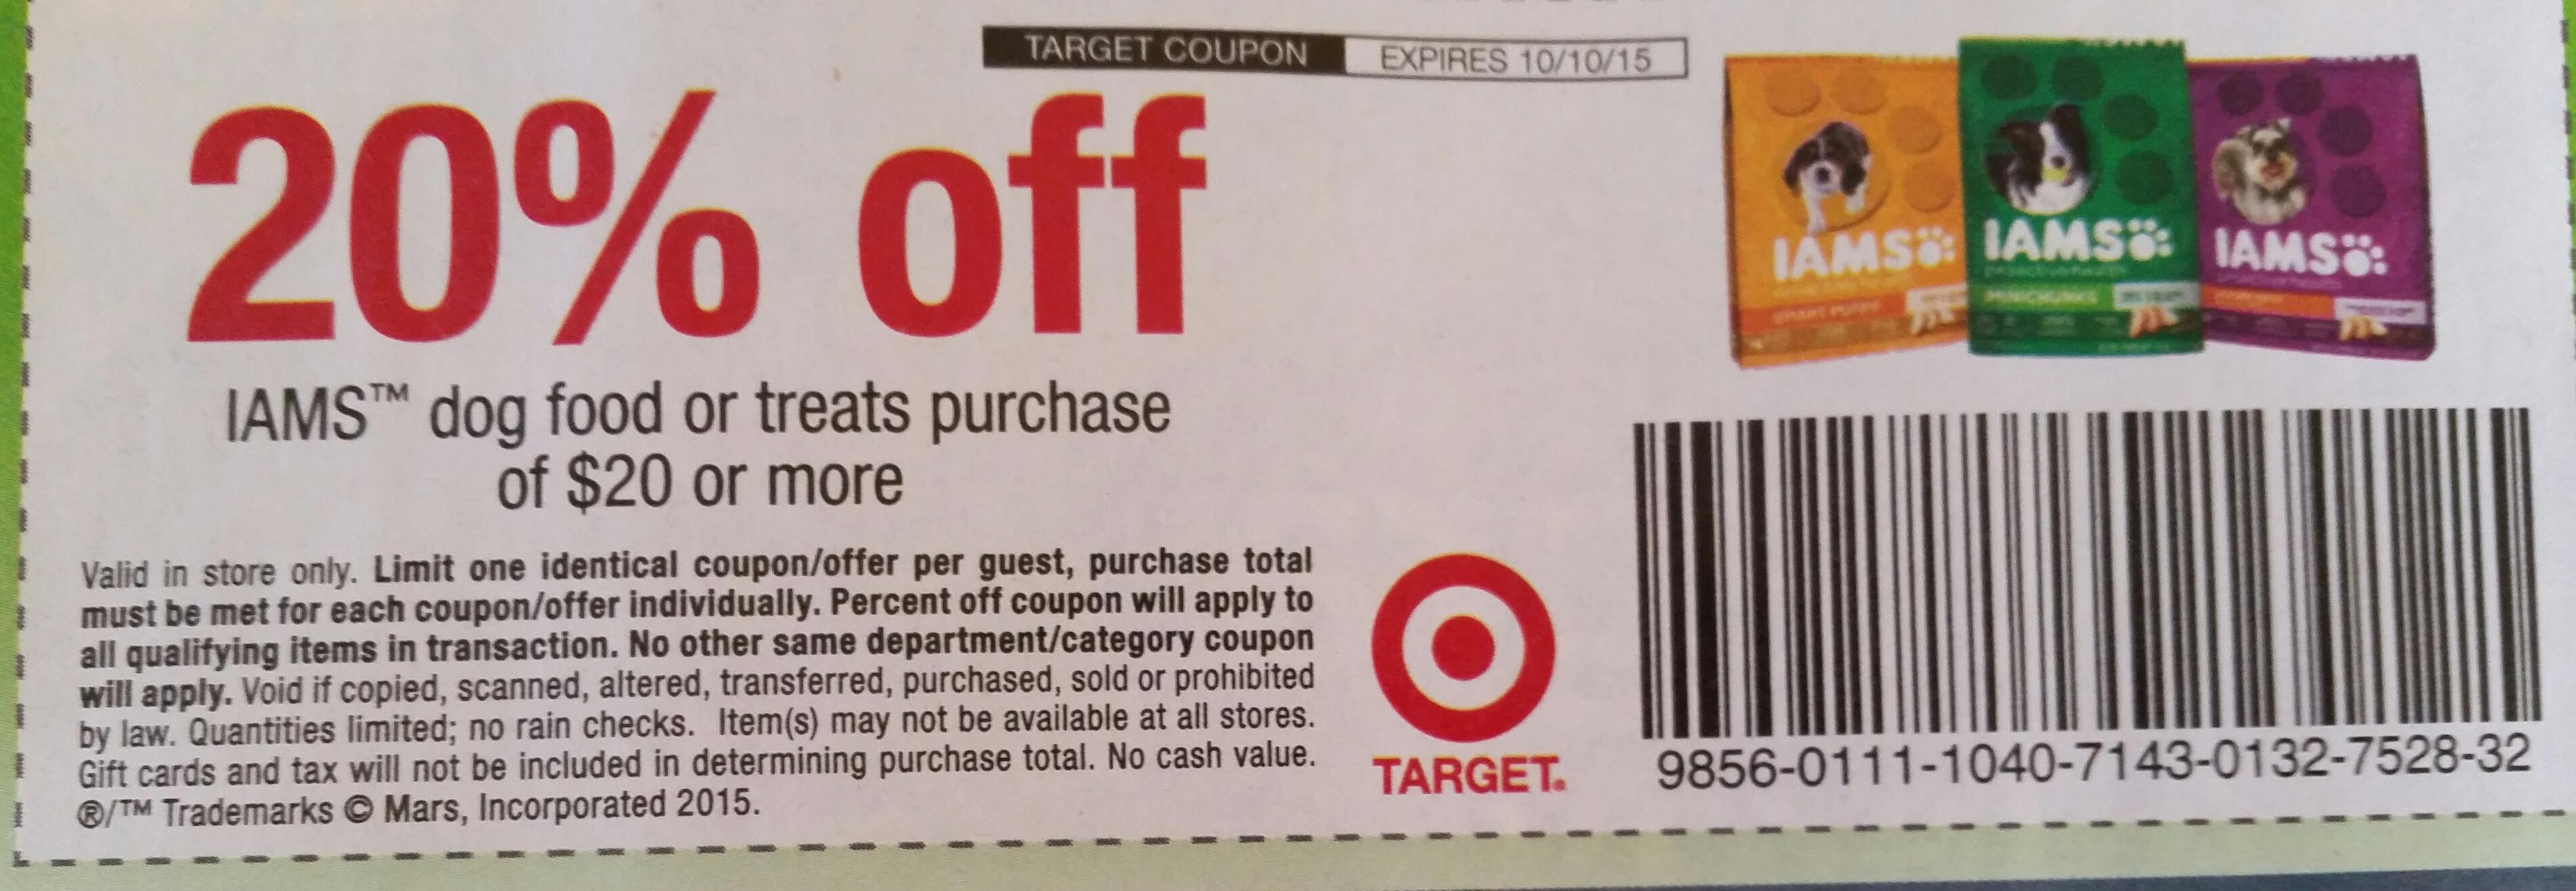 Target.com coupon codes